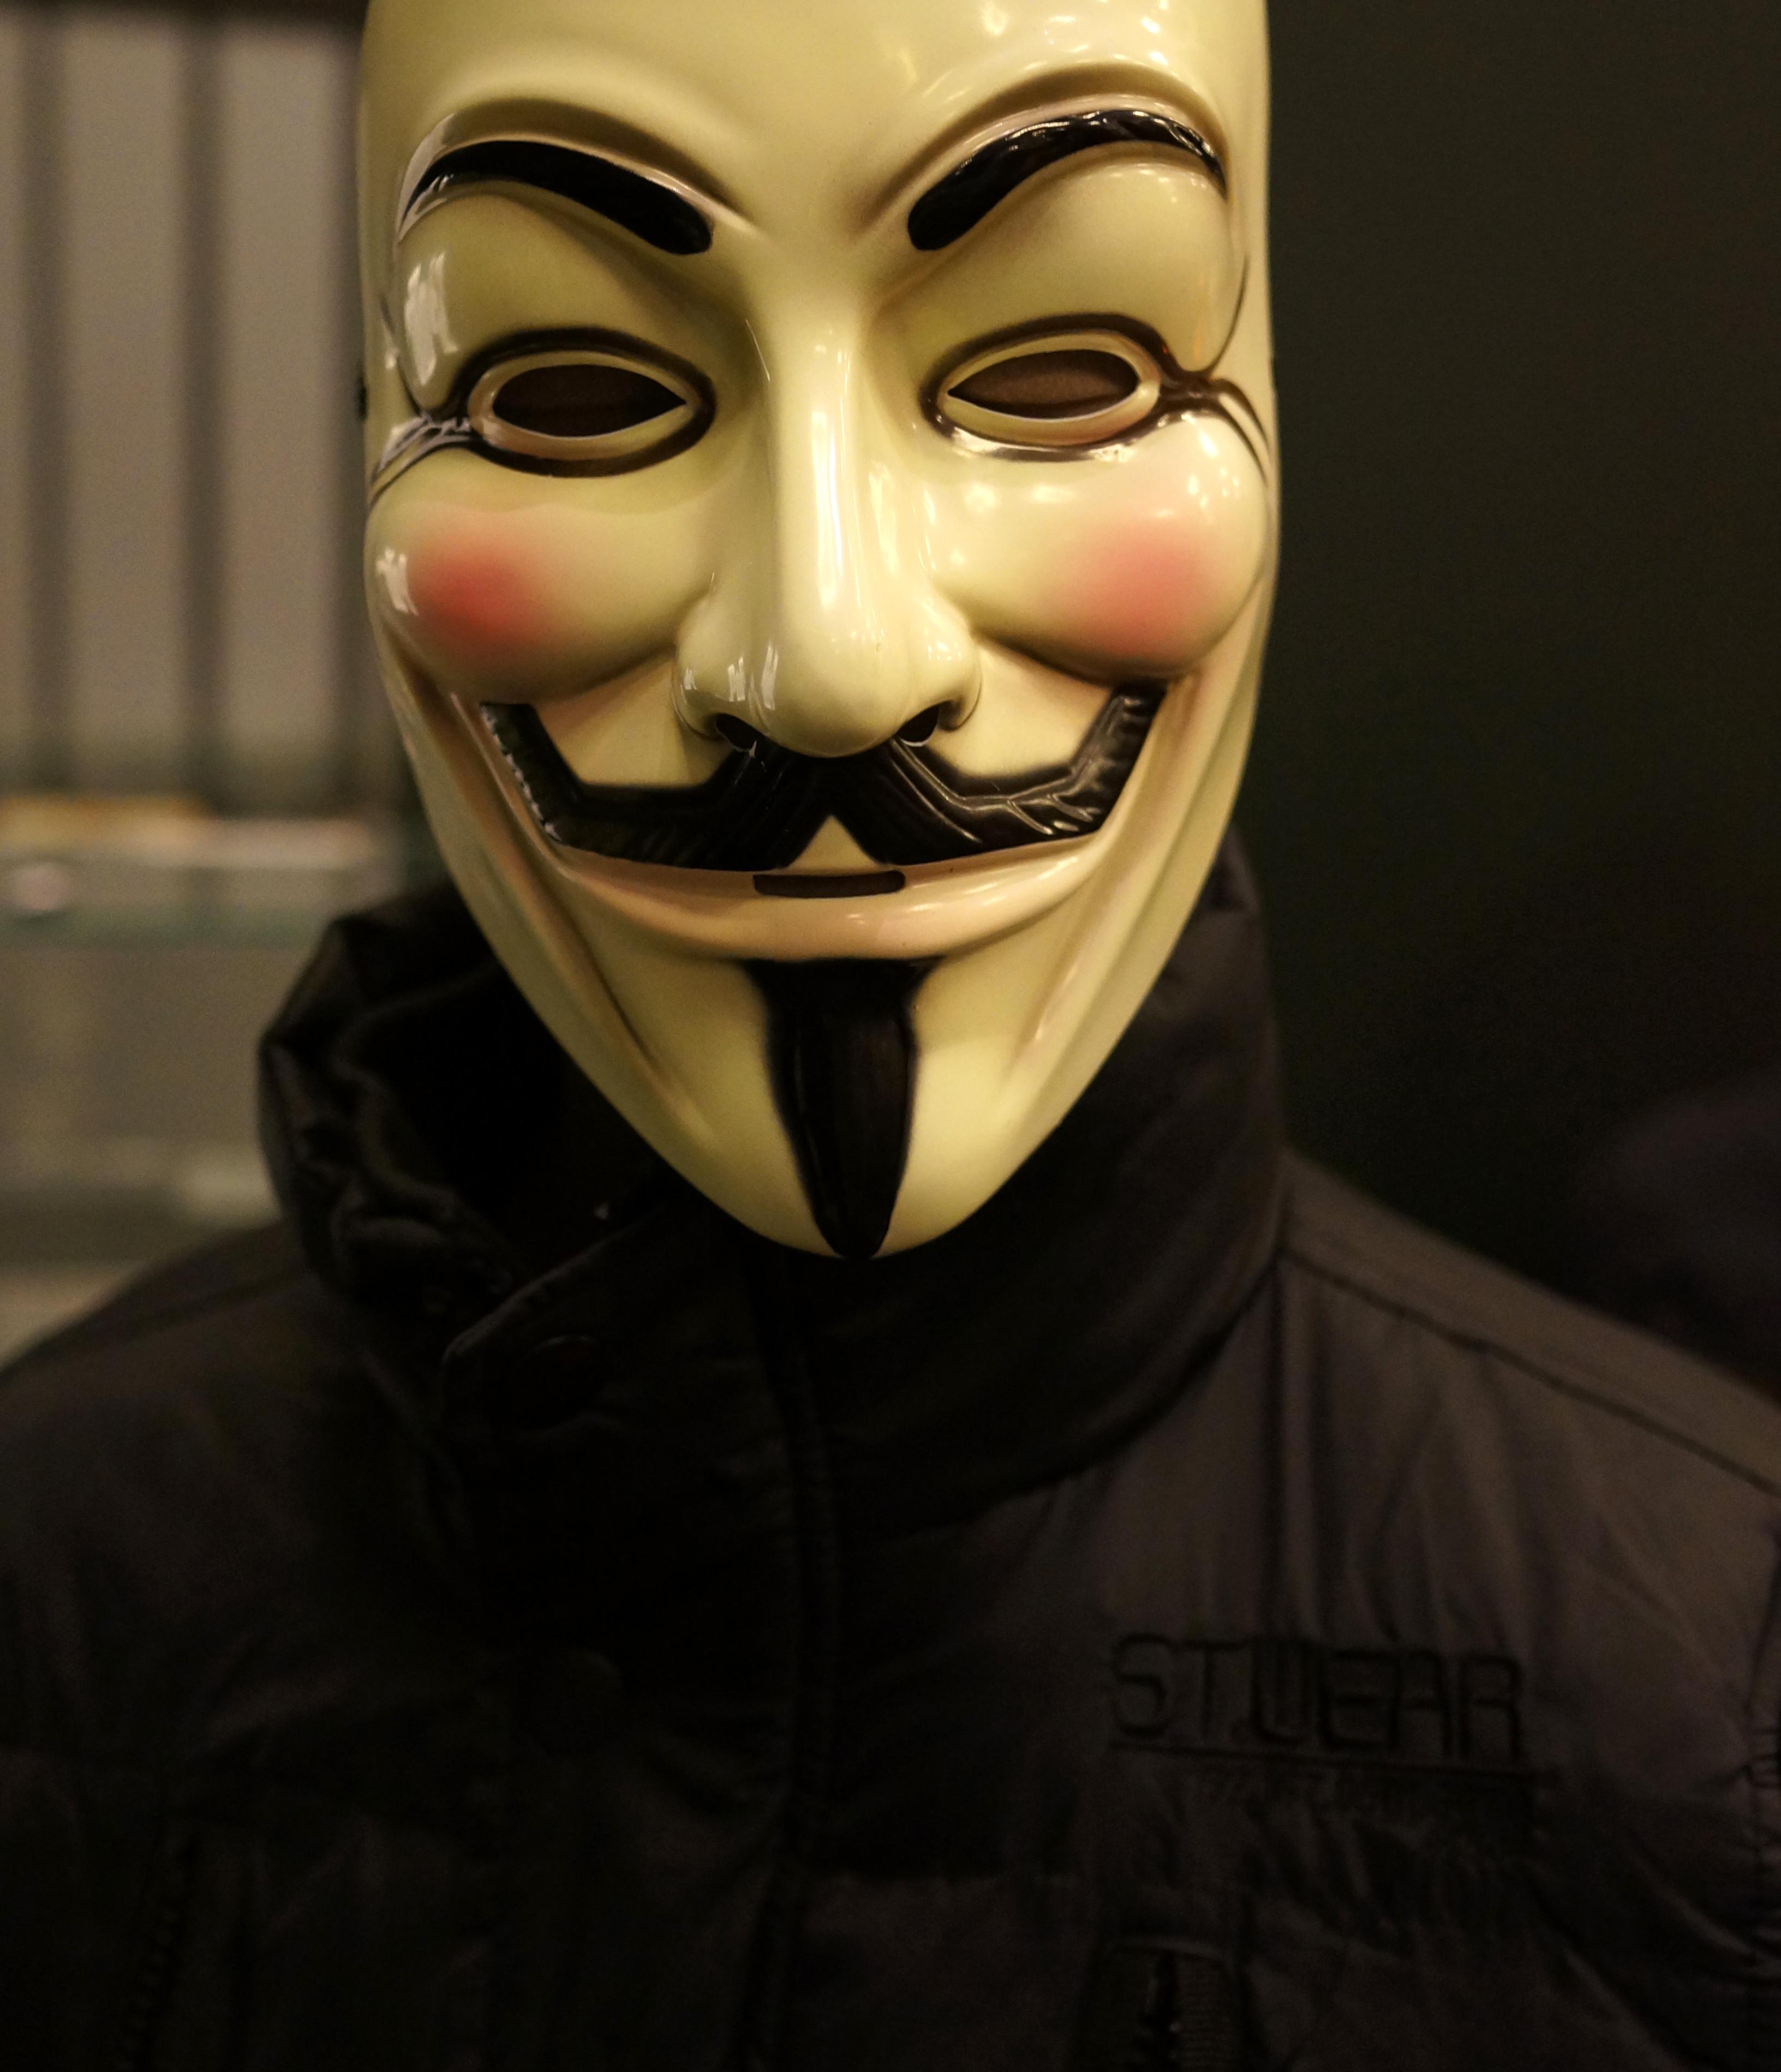 Картинка маска в значит вендетта